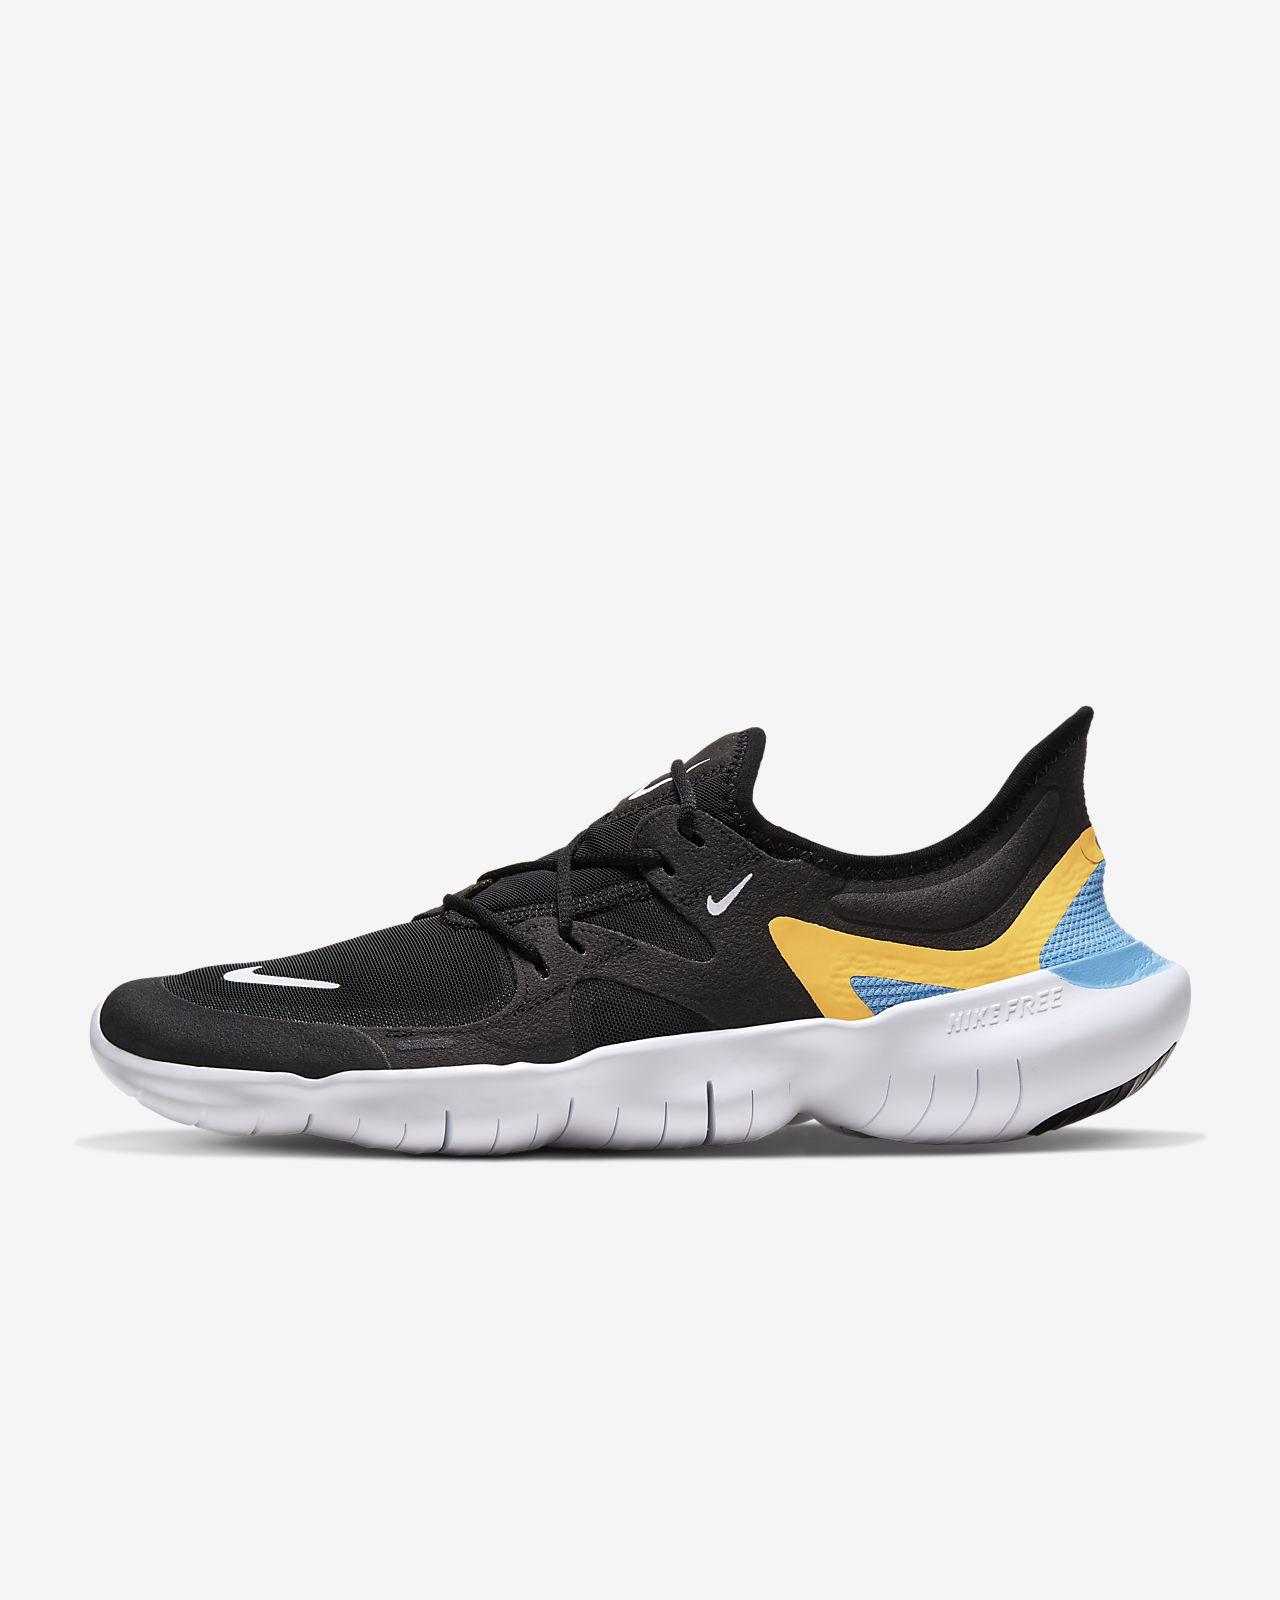 nike free run uomo, Nike Free 5.0 V4 Uomo scarpe da corsa